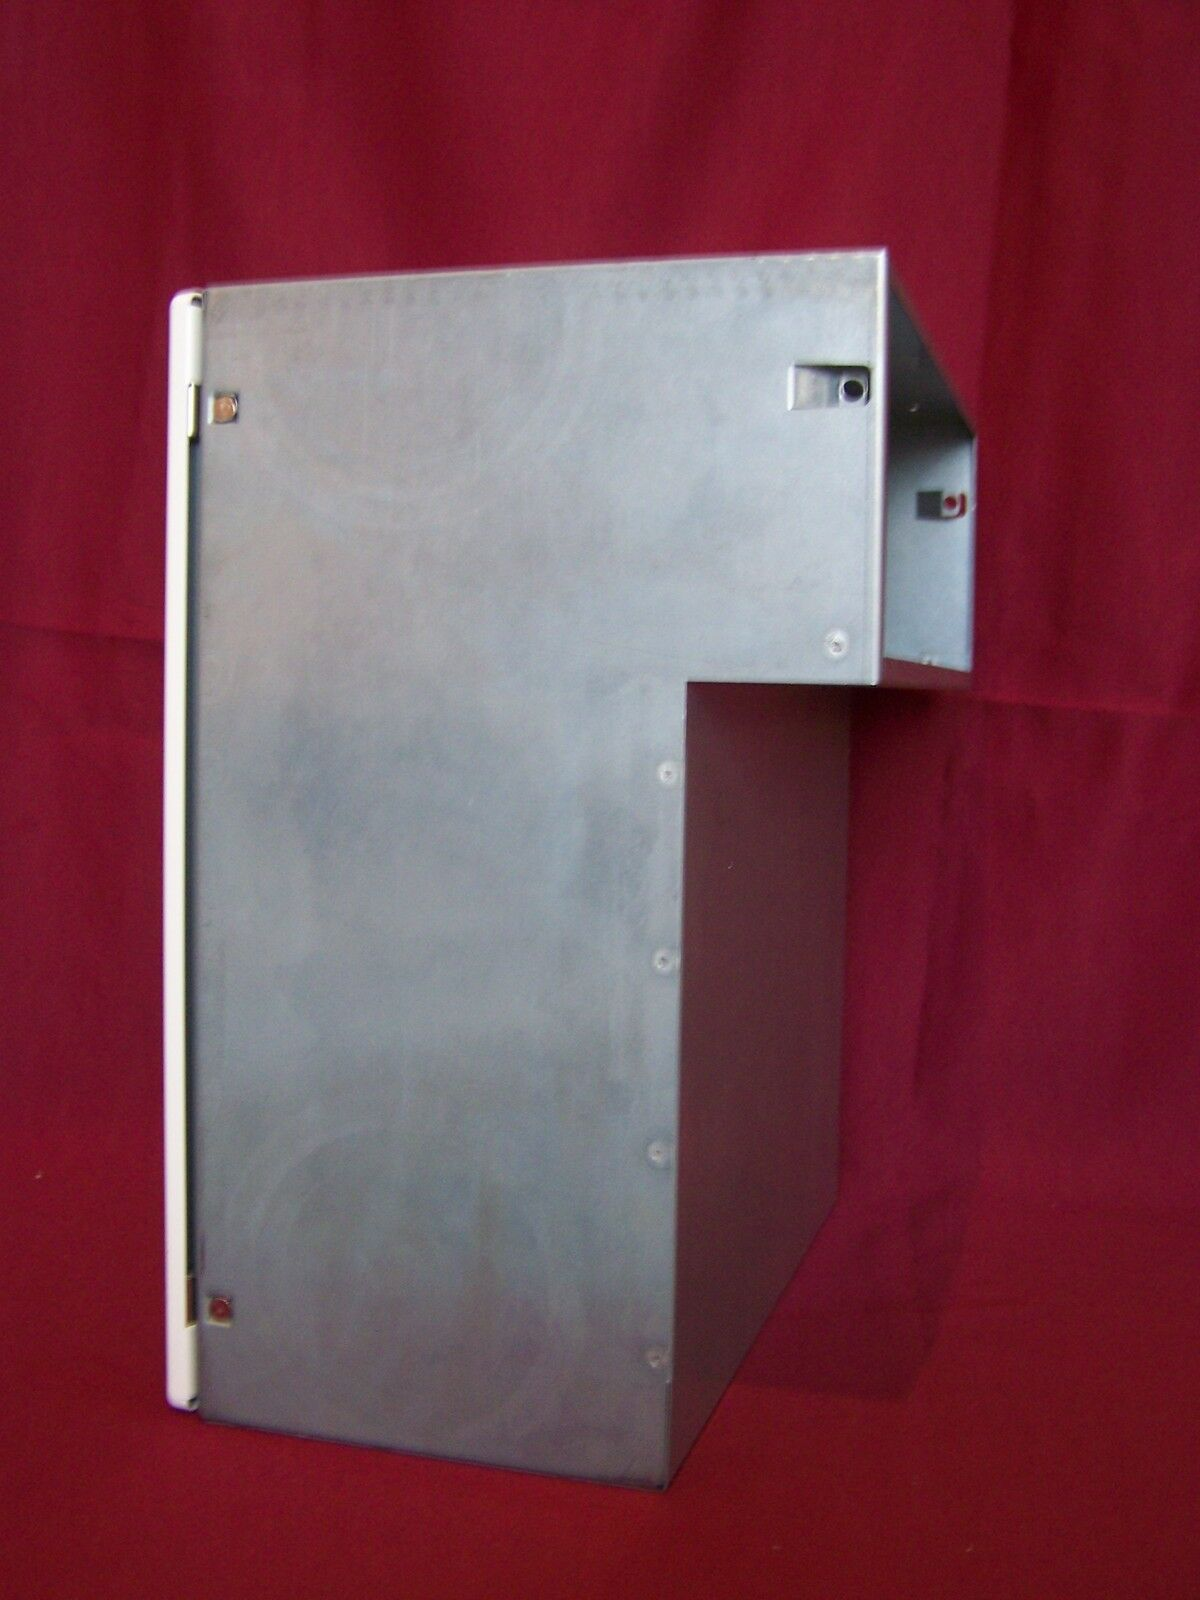 Mauerdurchwurf Briefkasten Renz weiß Fixtiefe 205 mm Durchwurf Post  MDH31